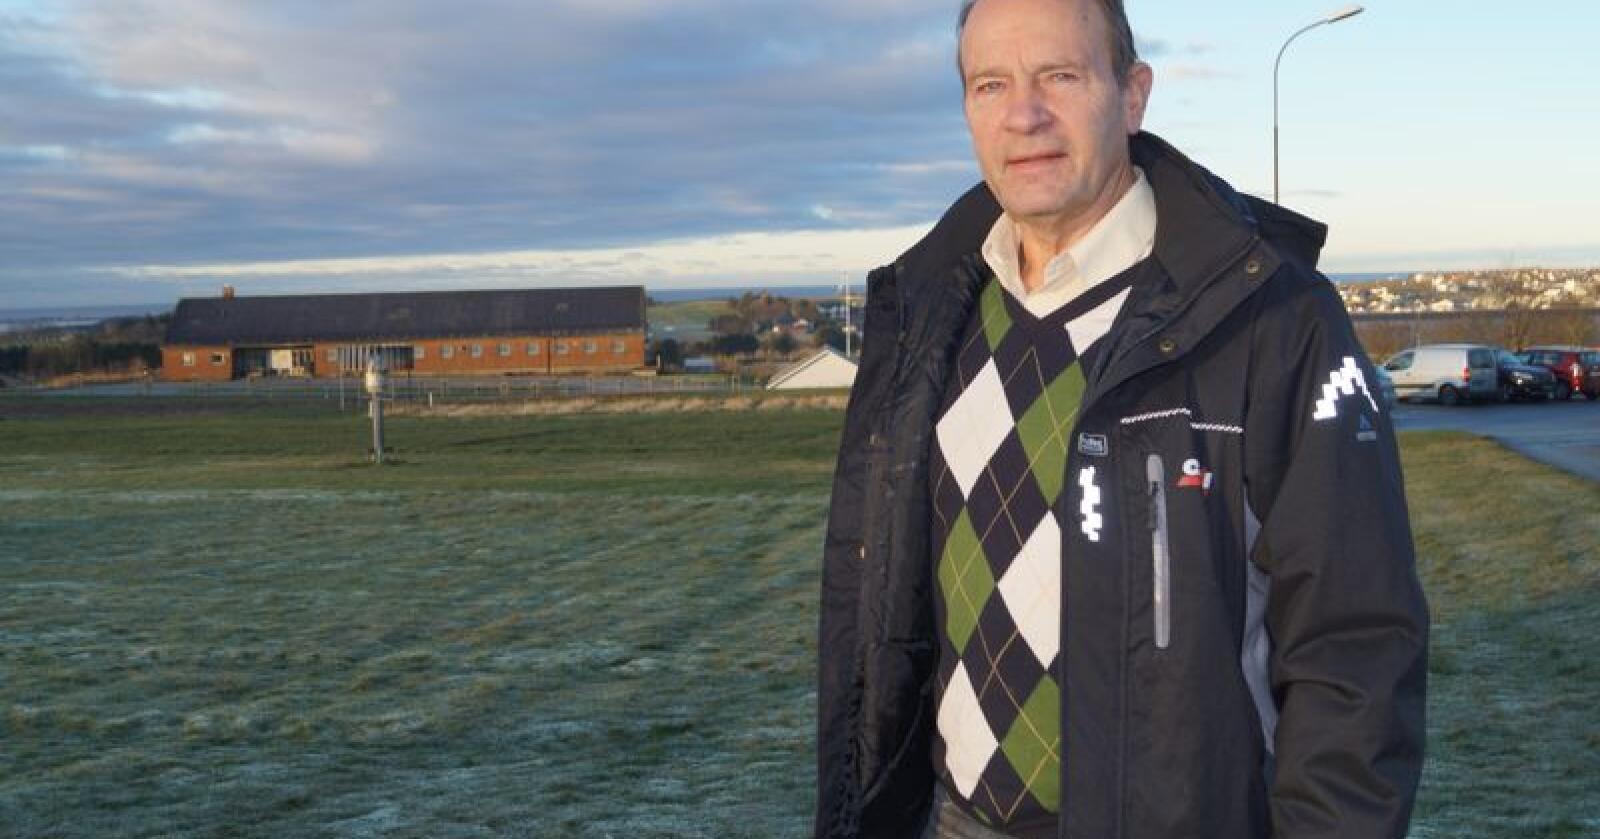 Kritisk: Vegvesenet har ikke sans for jordvern, mener leder Olaf Gjerdrem i Jordvernforeningen i Rogaland. Han er tidligere selv blitt berørt av veibygging. Gården han drev for inntil ett år siden, er blitt delt opp av E39. (Foto: Sjur Haaland/Bondevennen)